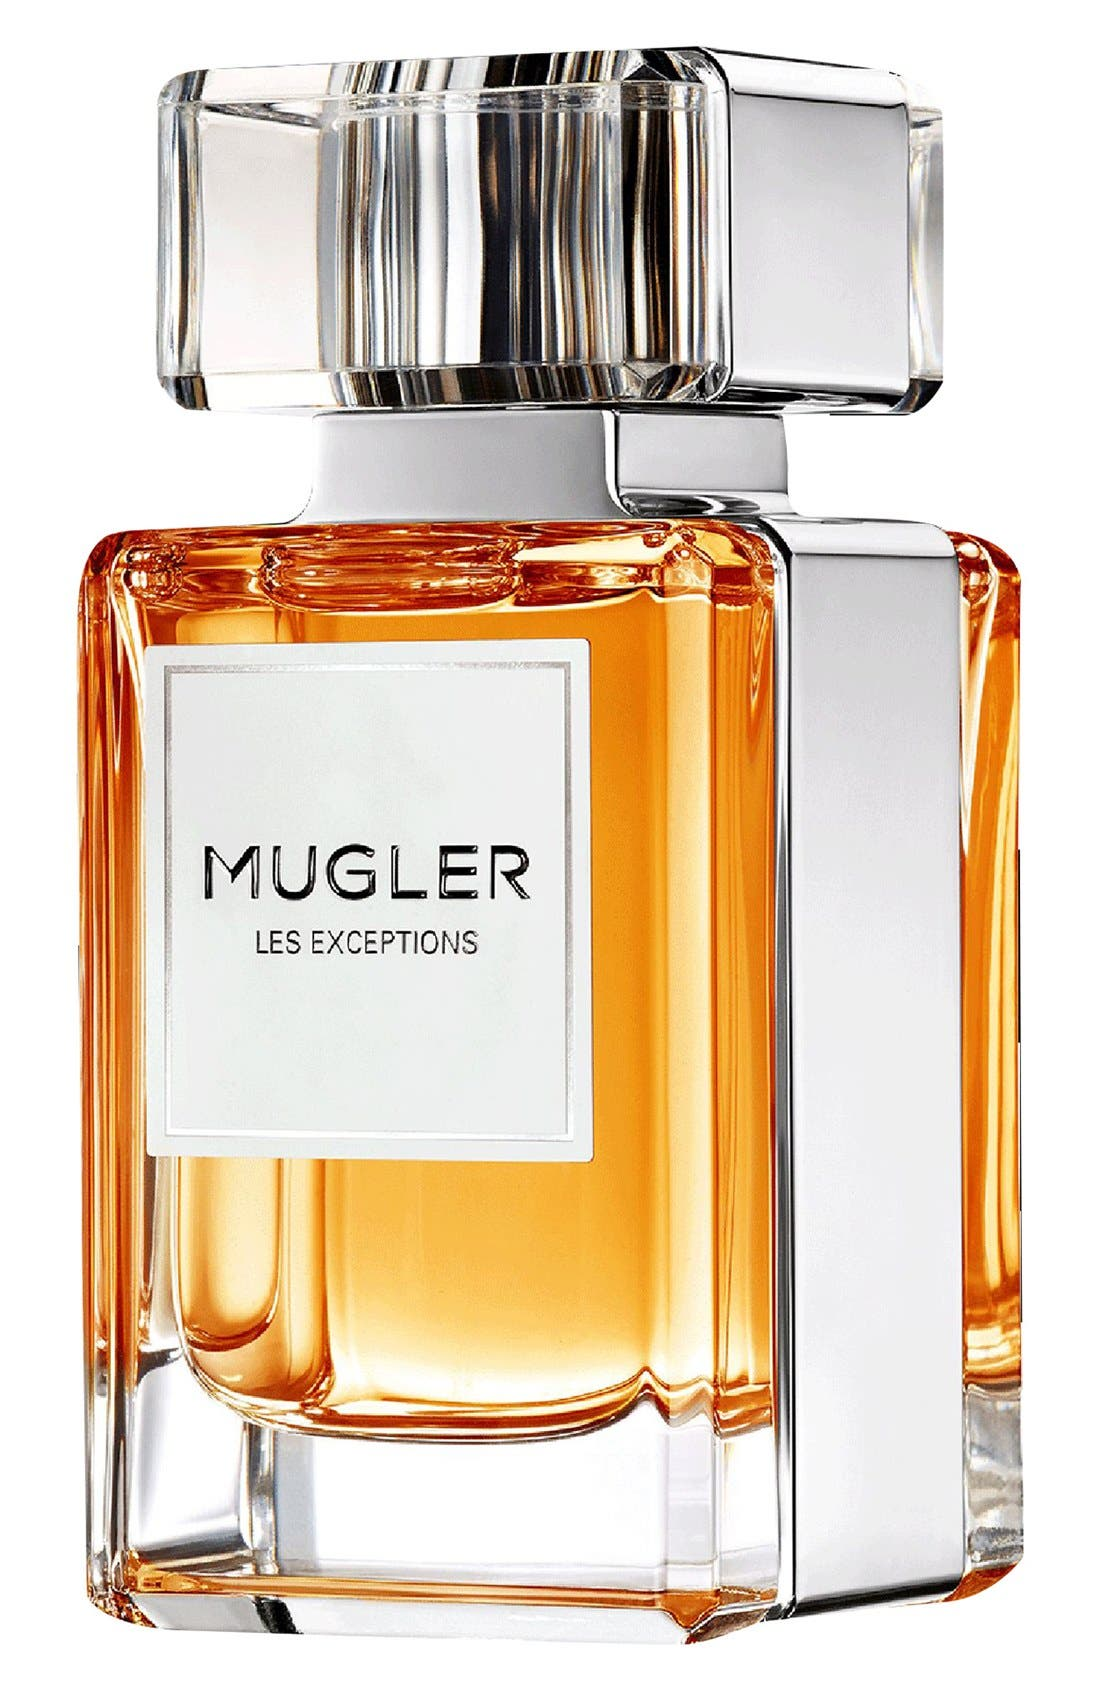 Mugler 'Les Exceptions - Woodissime' Refillable Eau de Parfum